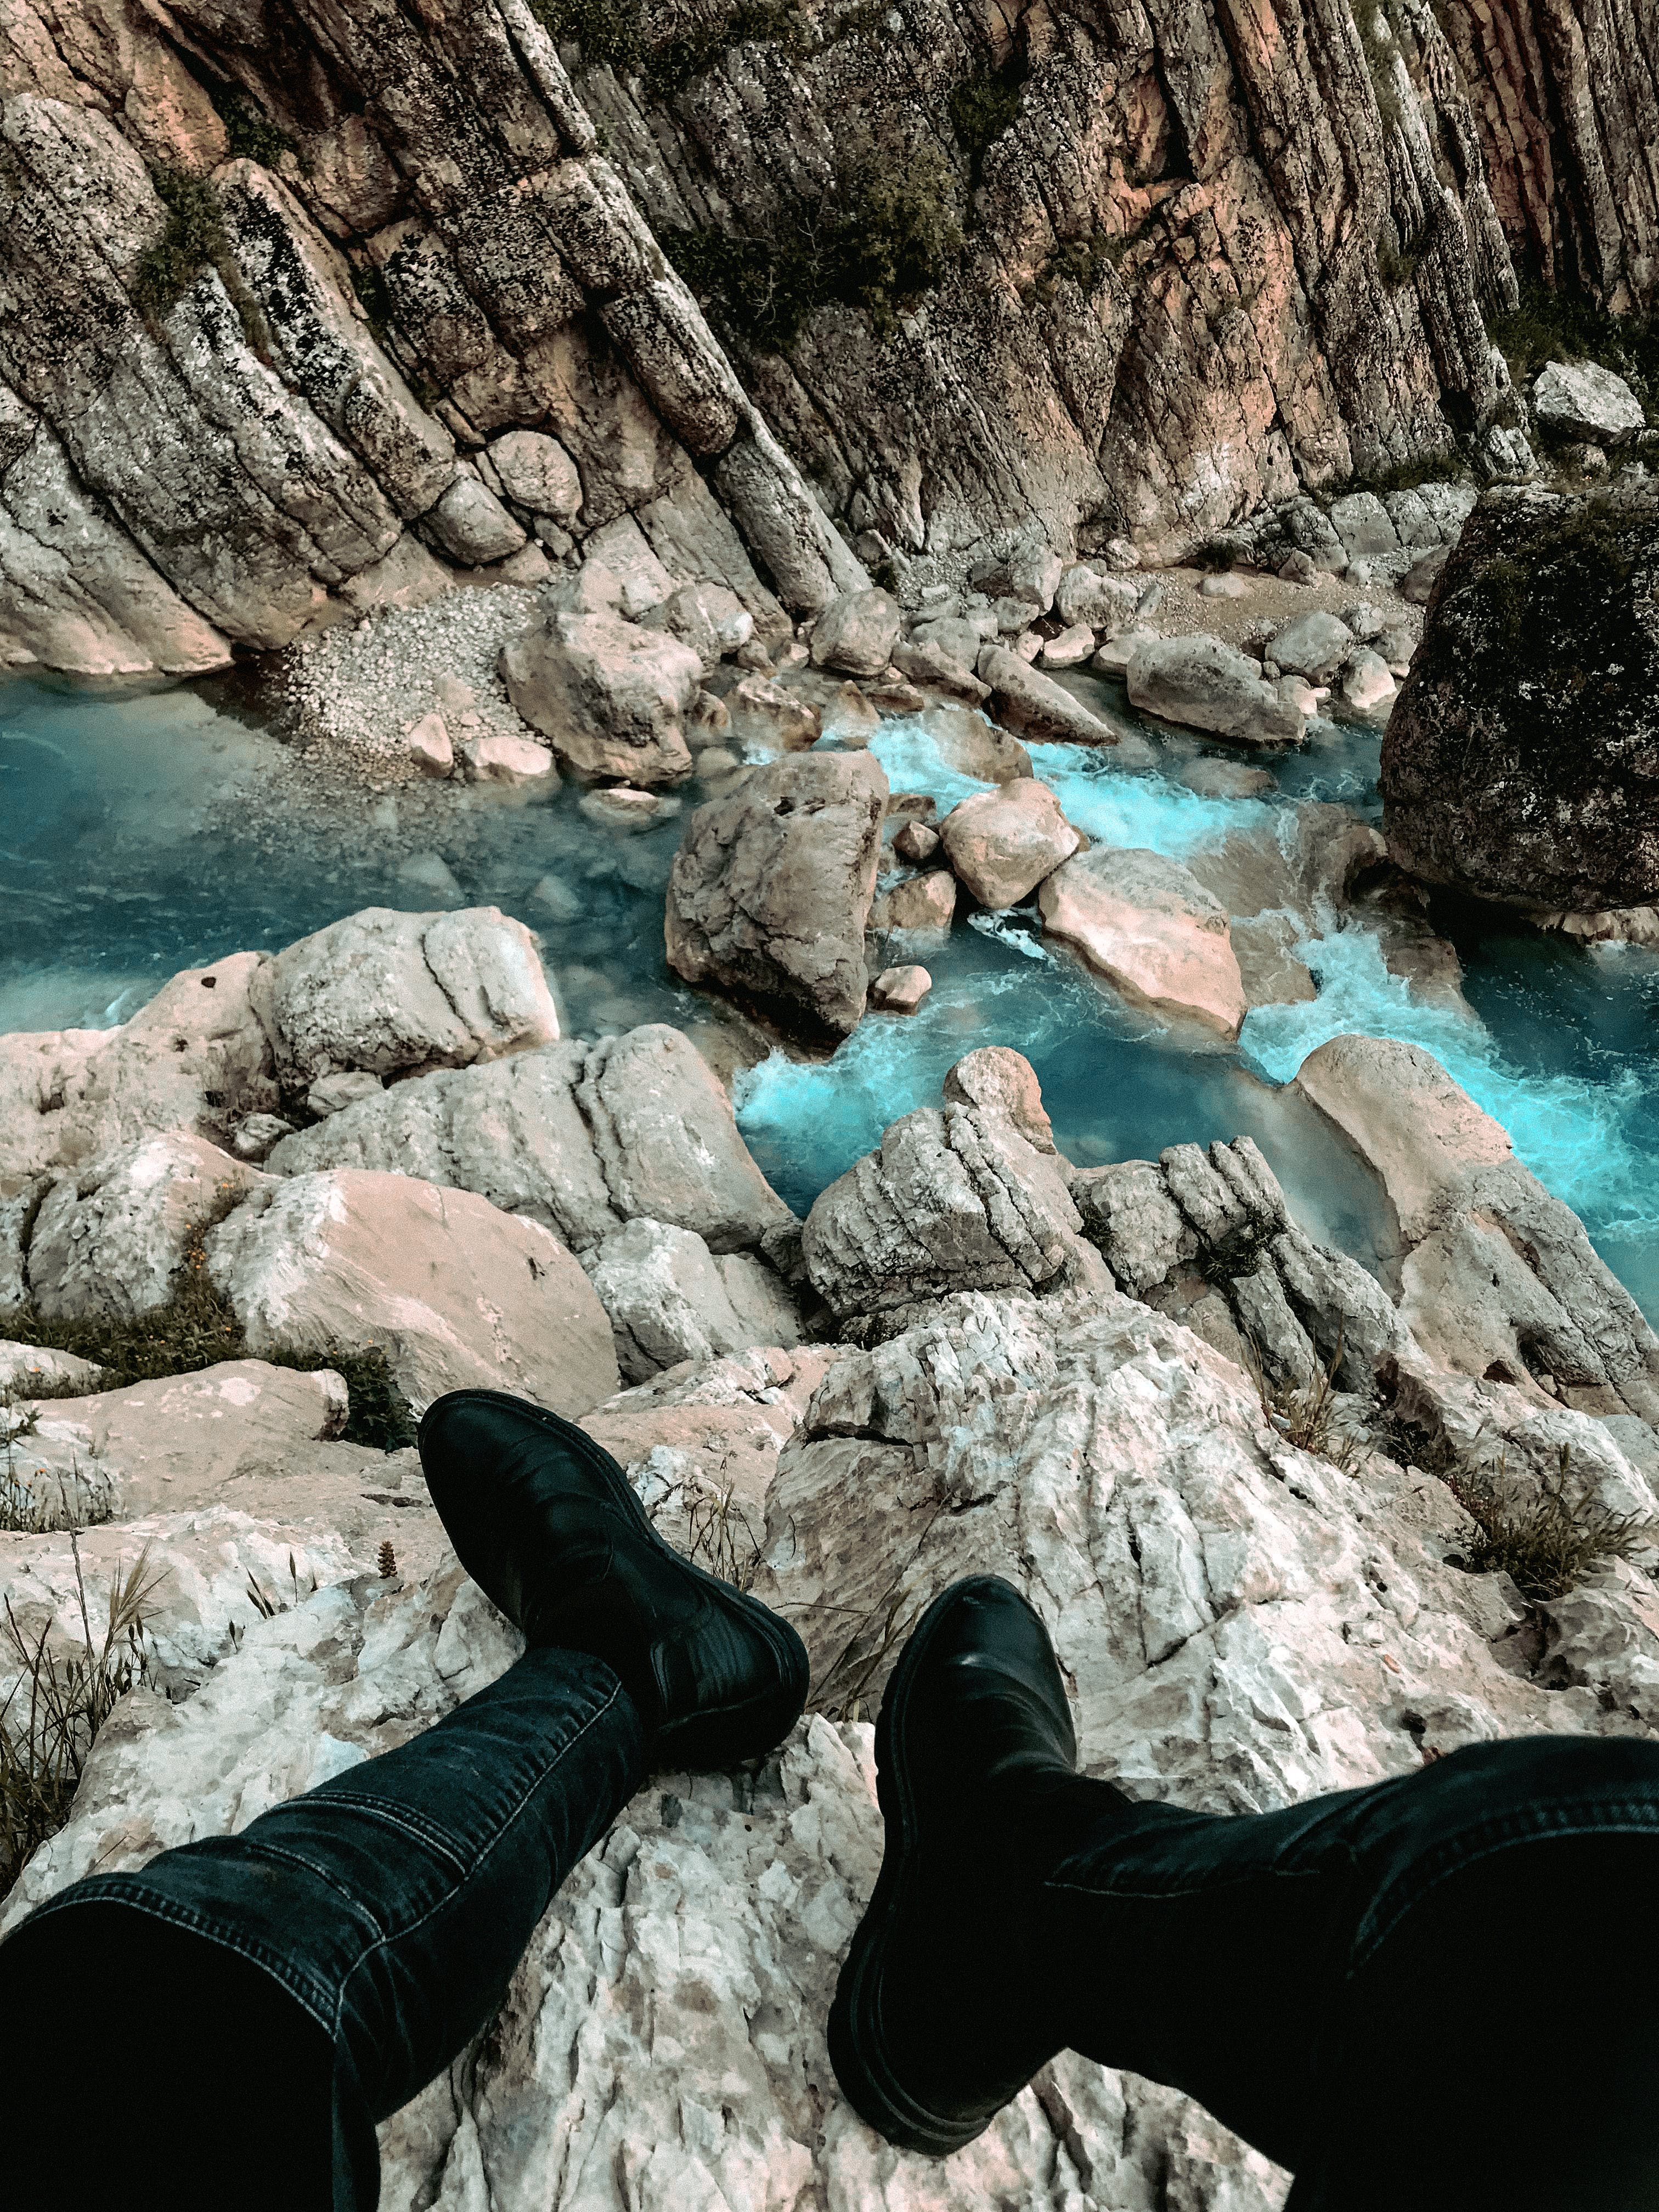 Δωρεάν στοκ φωτογραφιών με #νερό, 4k ταπετσαρία, cool, iphone ταπετσαρία